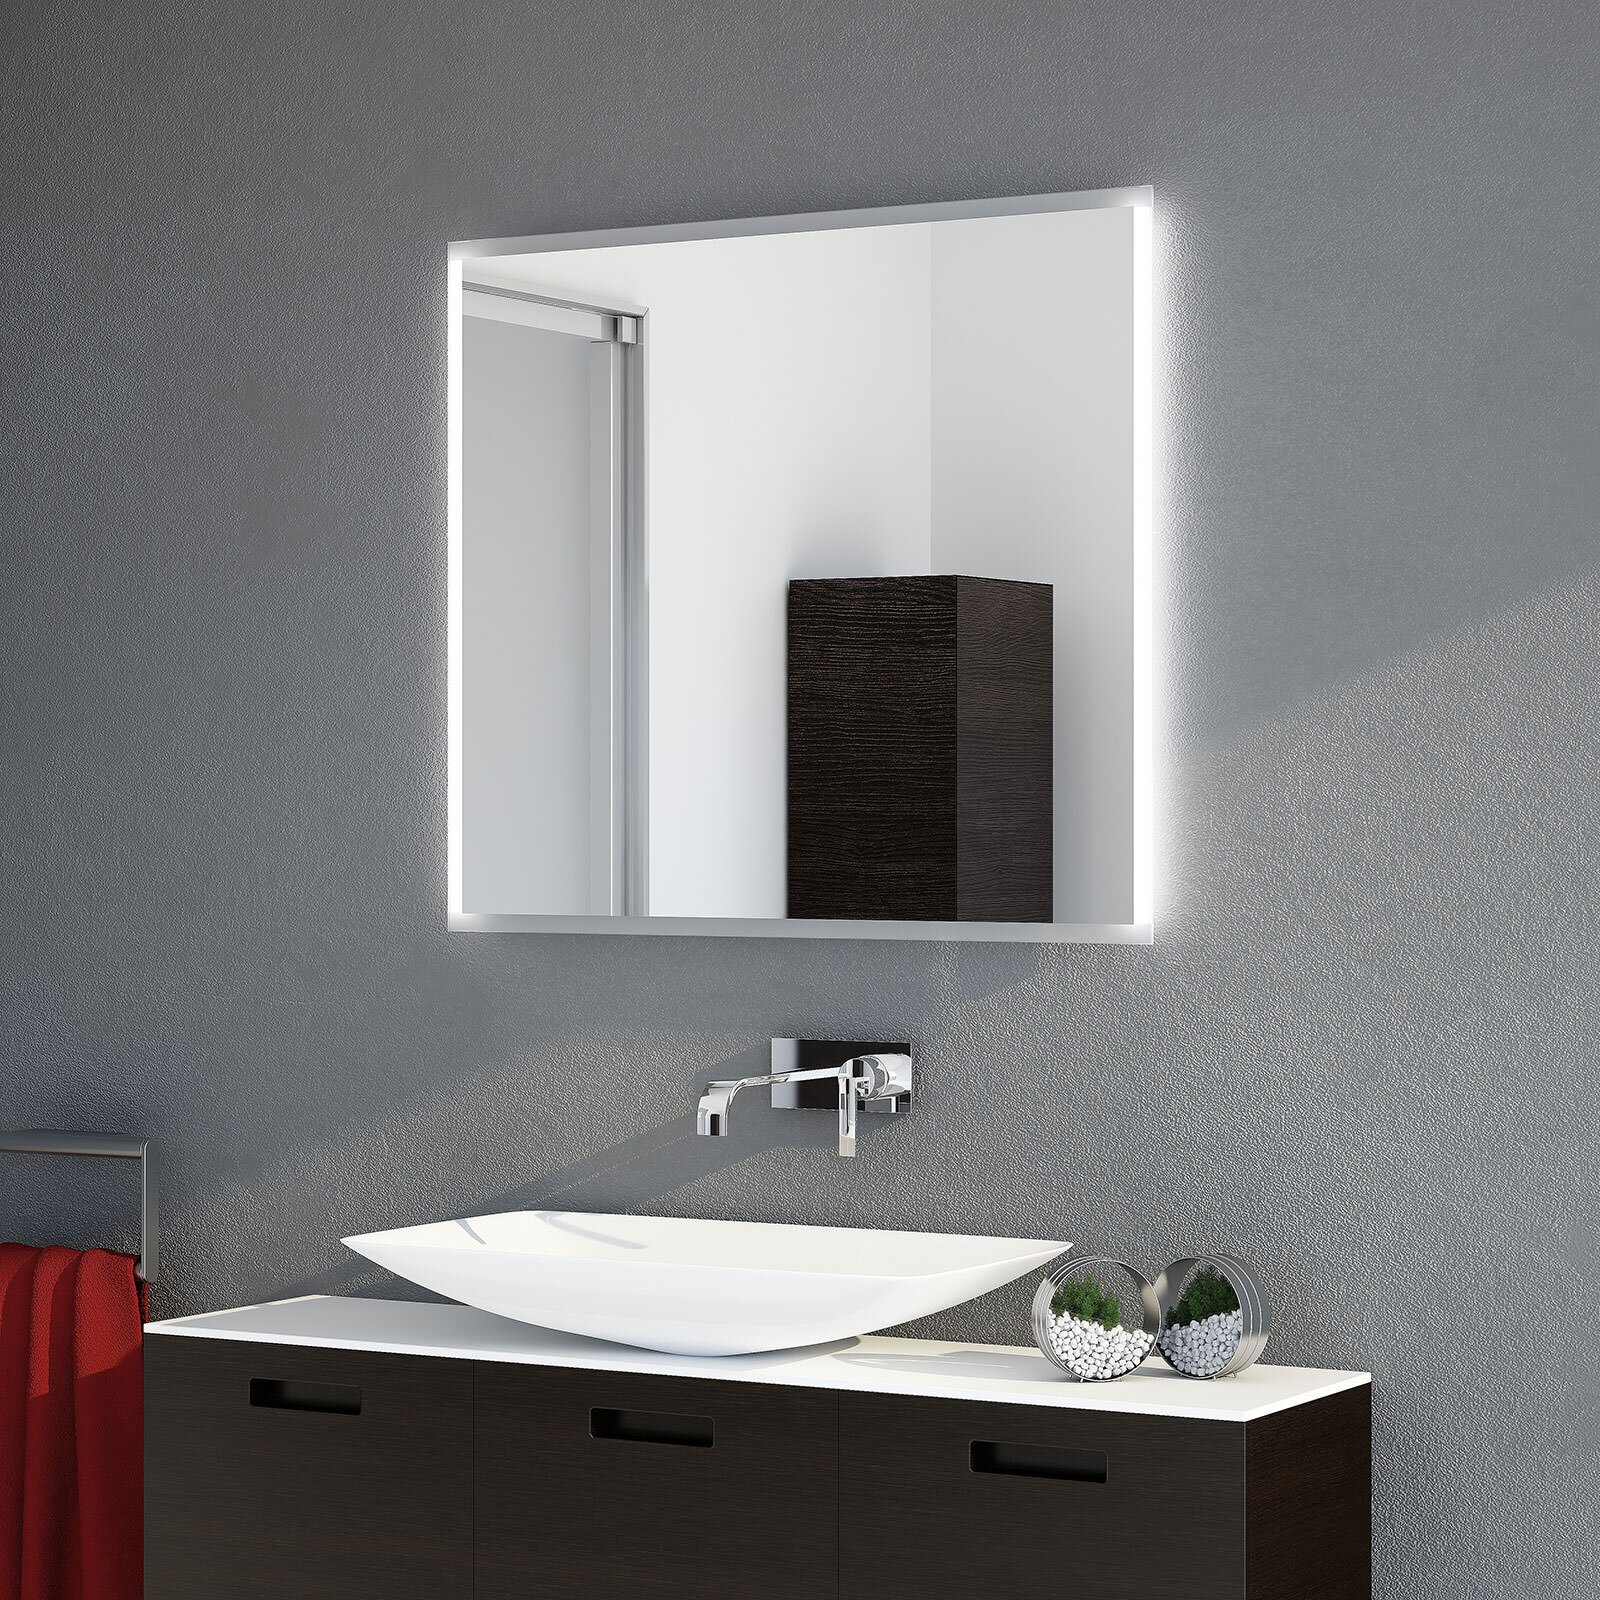 Verdeckte Spiegelhalterung  für jede Größe Montageset  Spiegelbefestigung